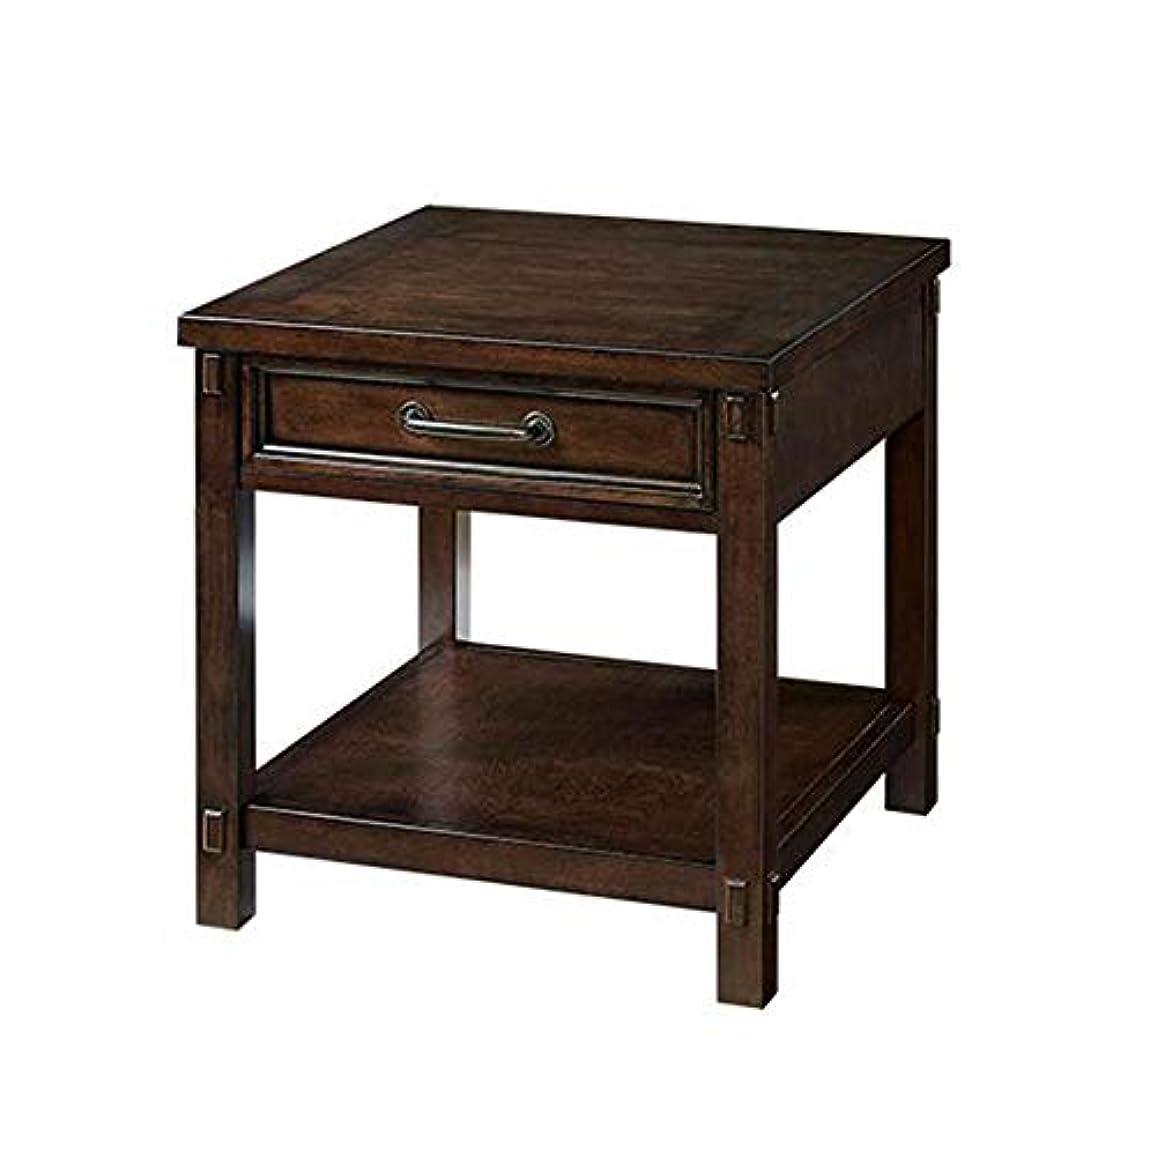 キリスト教天才満足できるCJC テーブル、 ベッドサイド 引き出し と 棚 キャビネット 側 表 ストレージ 単位、 ブラック クルミ 色 (色 : 60*60*60cm)